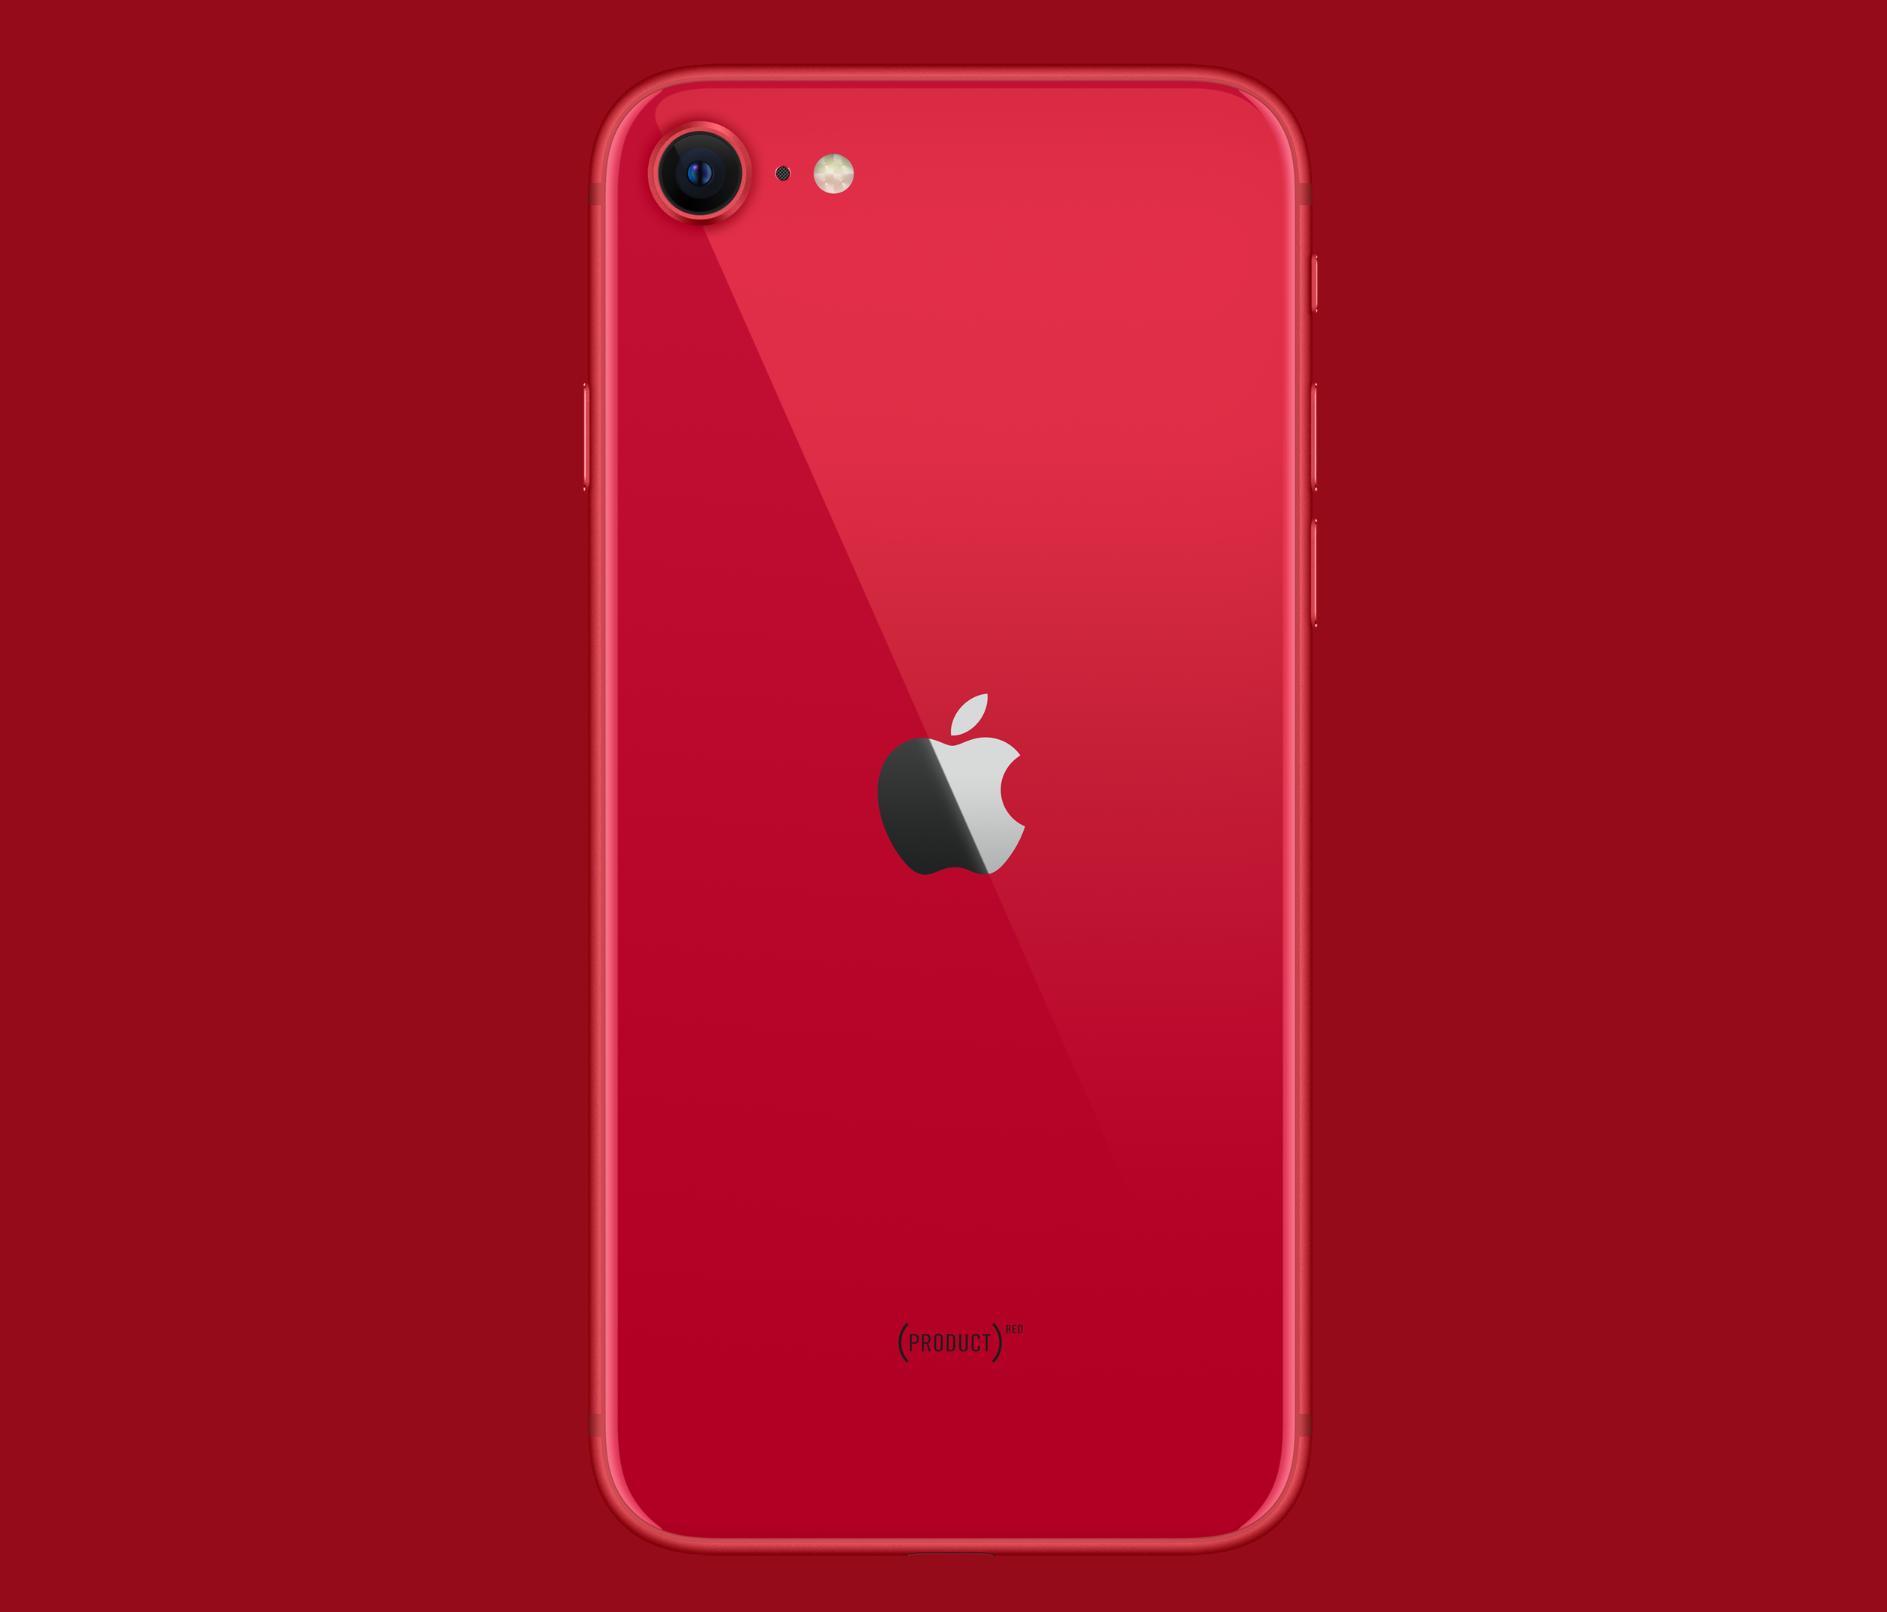 Обои изнового iPhone 2020 SEуже можно скачать